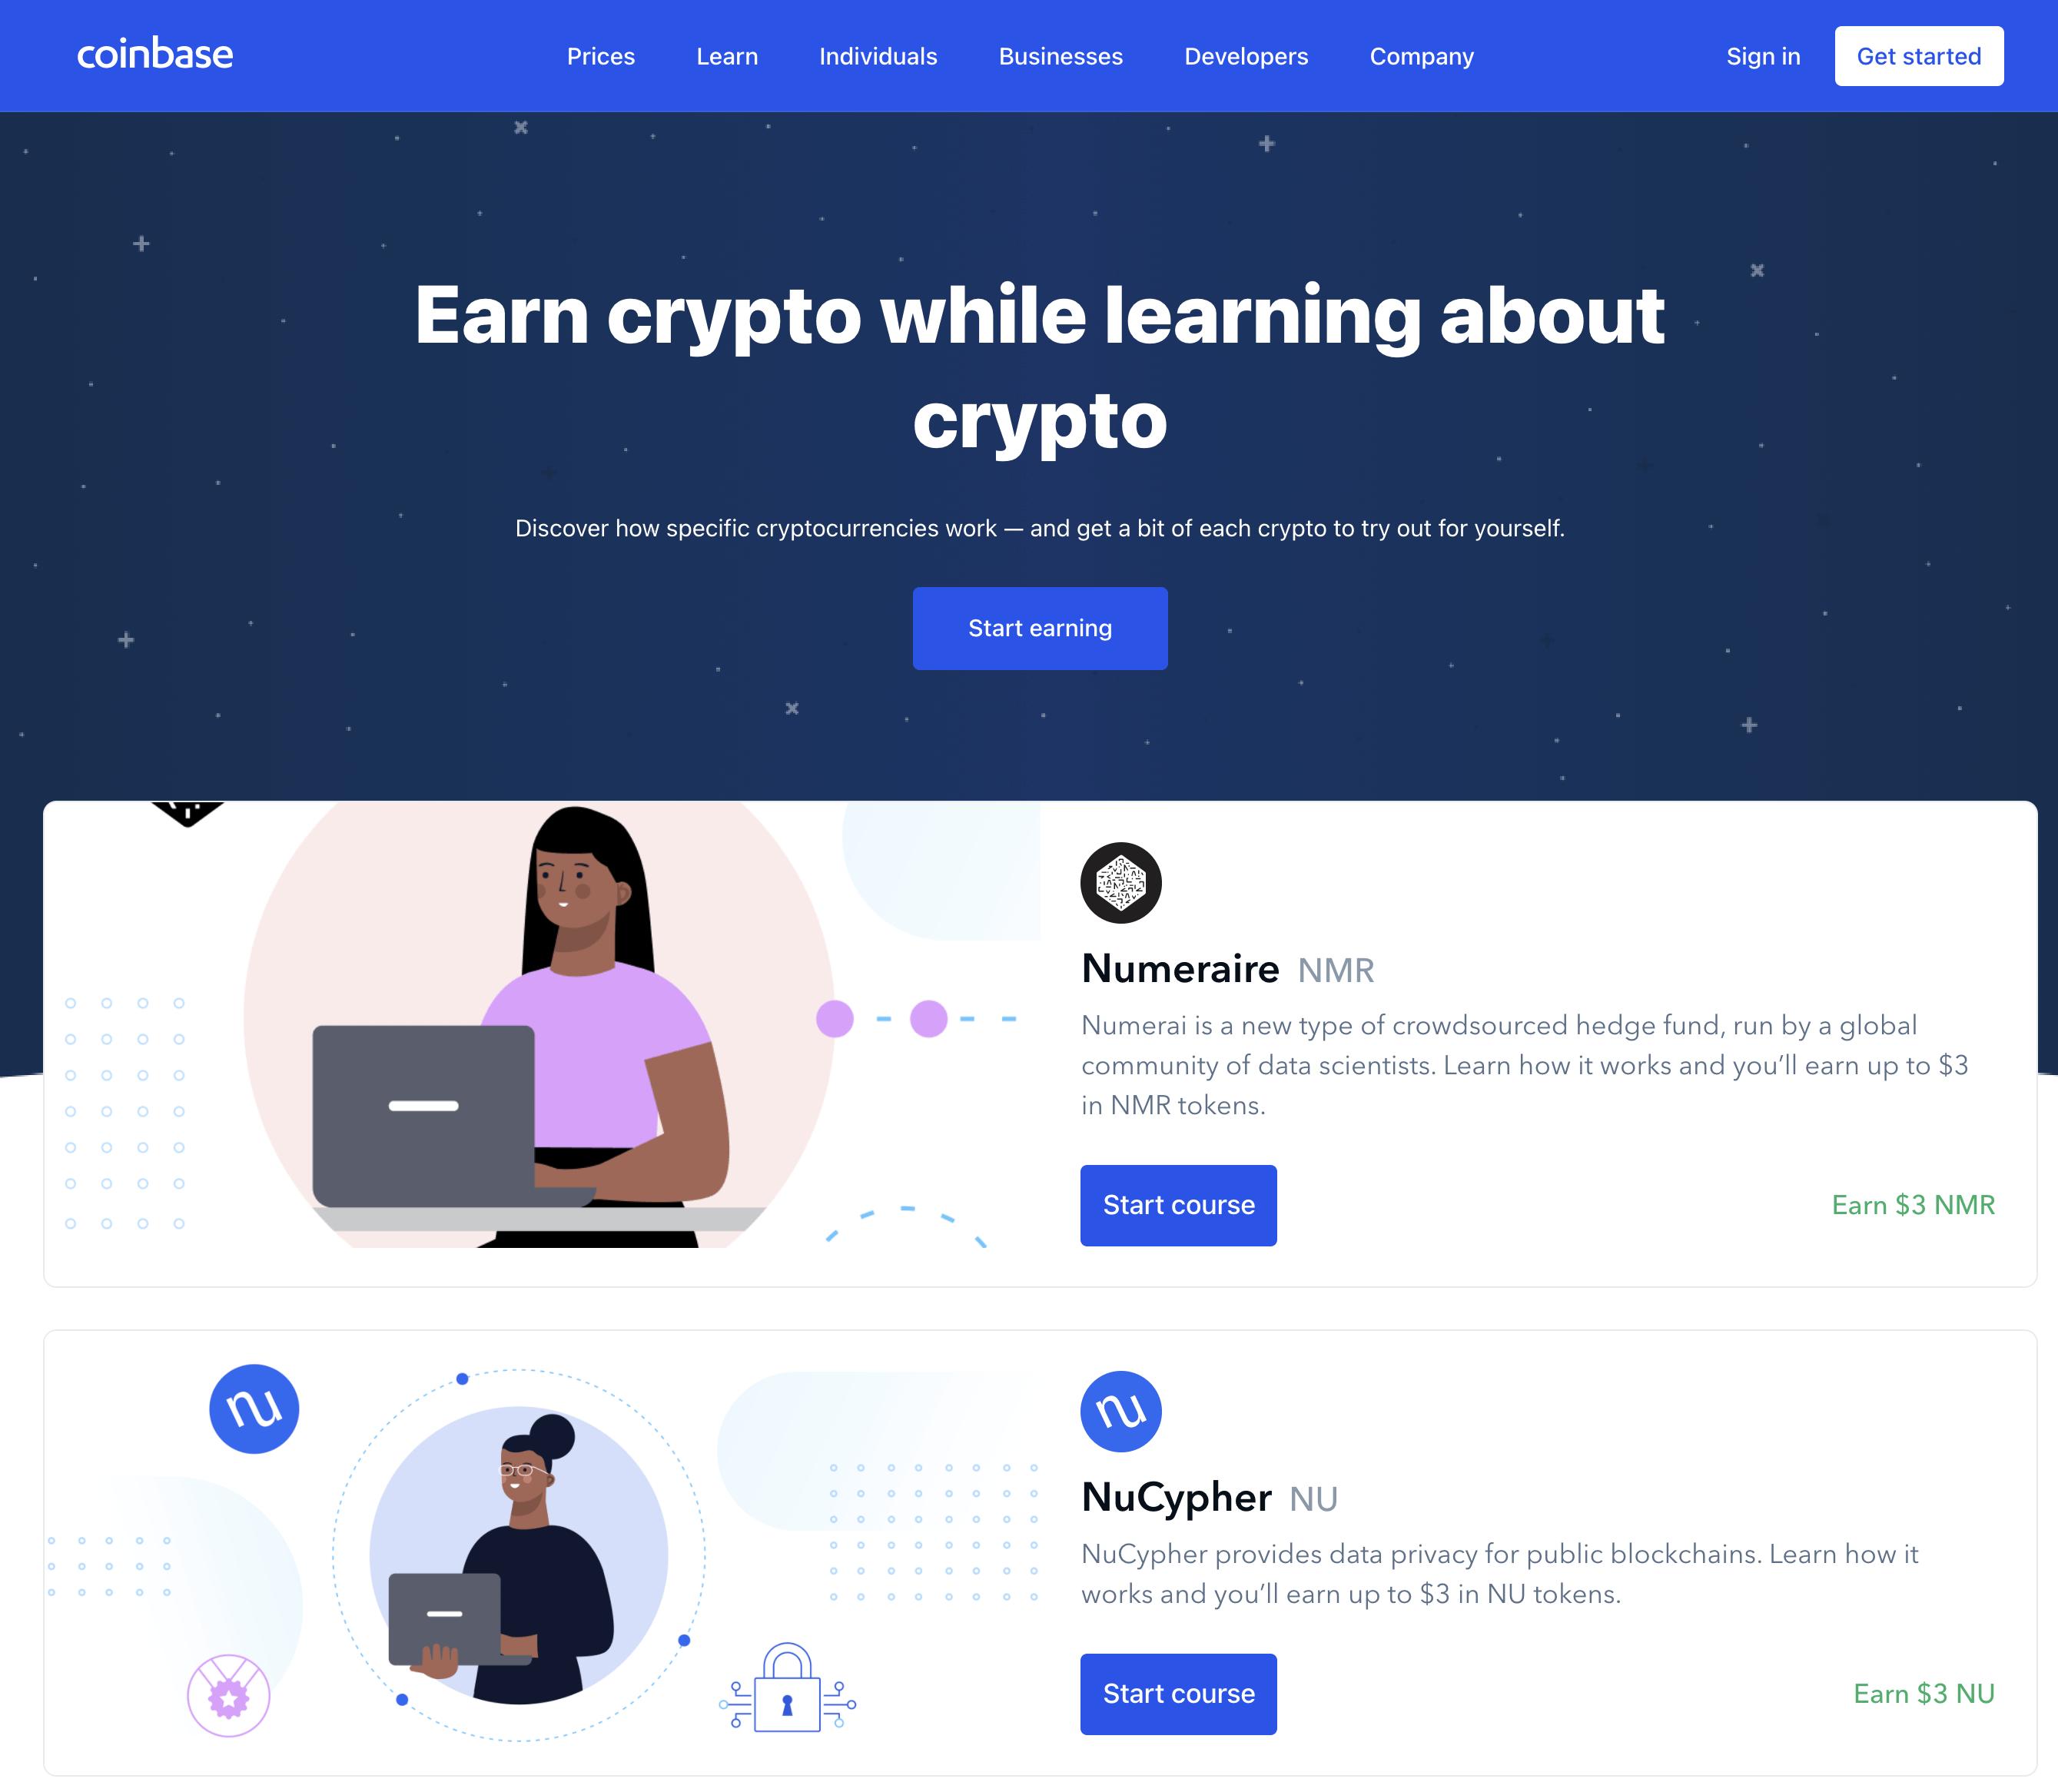 Coinbase Earn courses